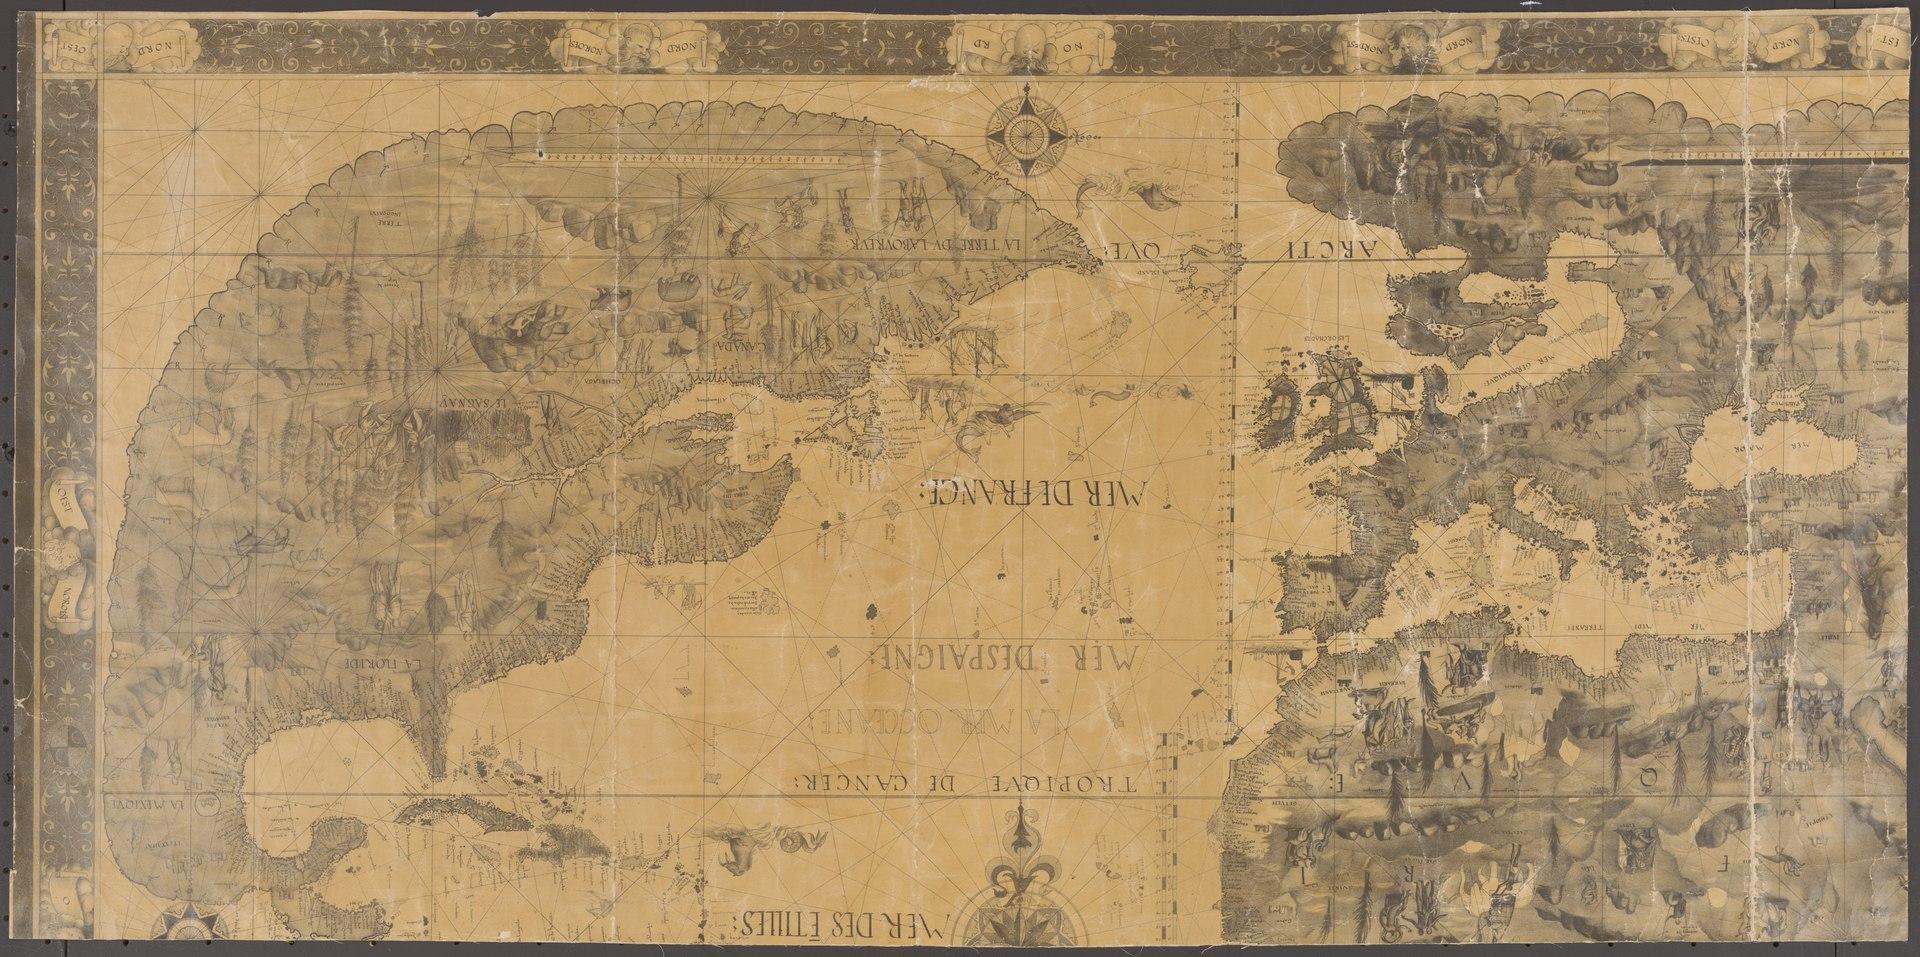 Pierre Desceliers Map, 1546